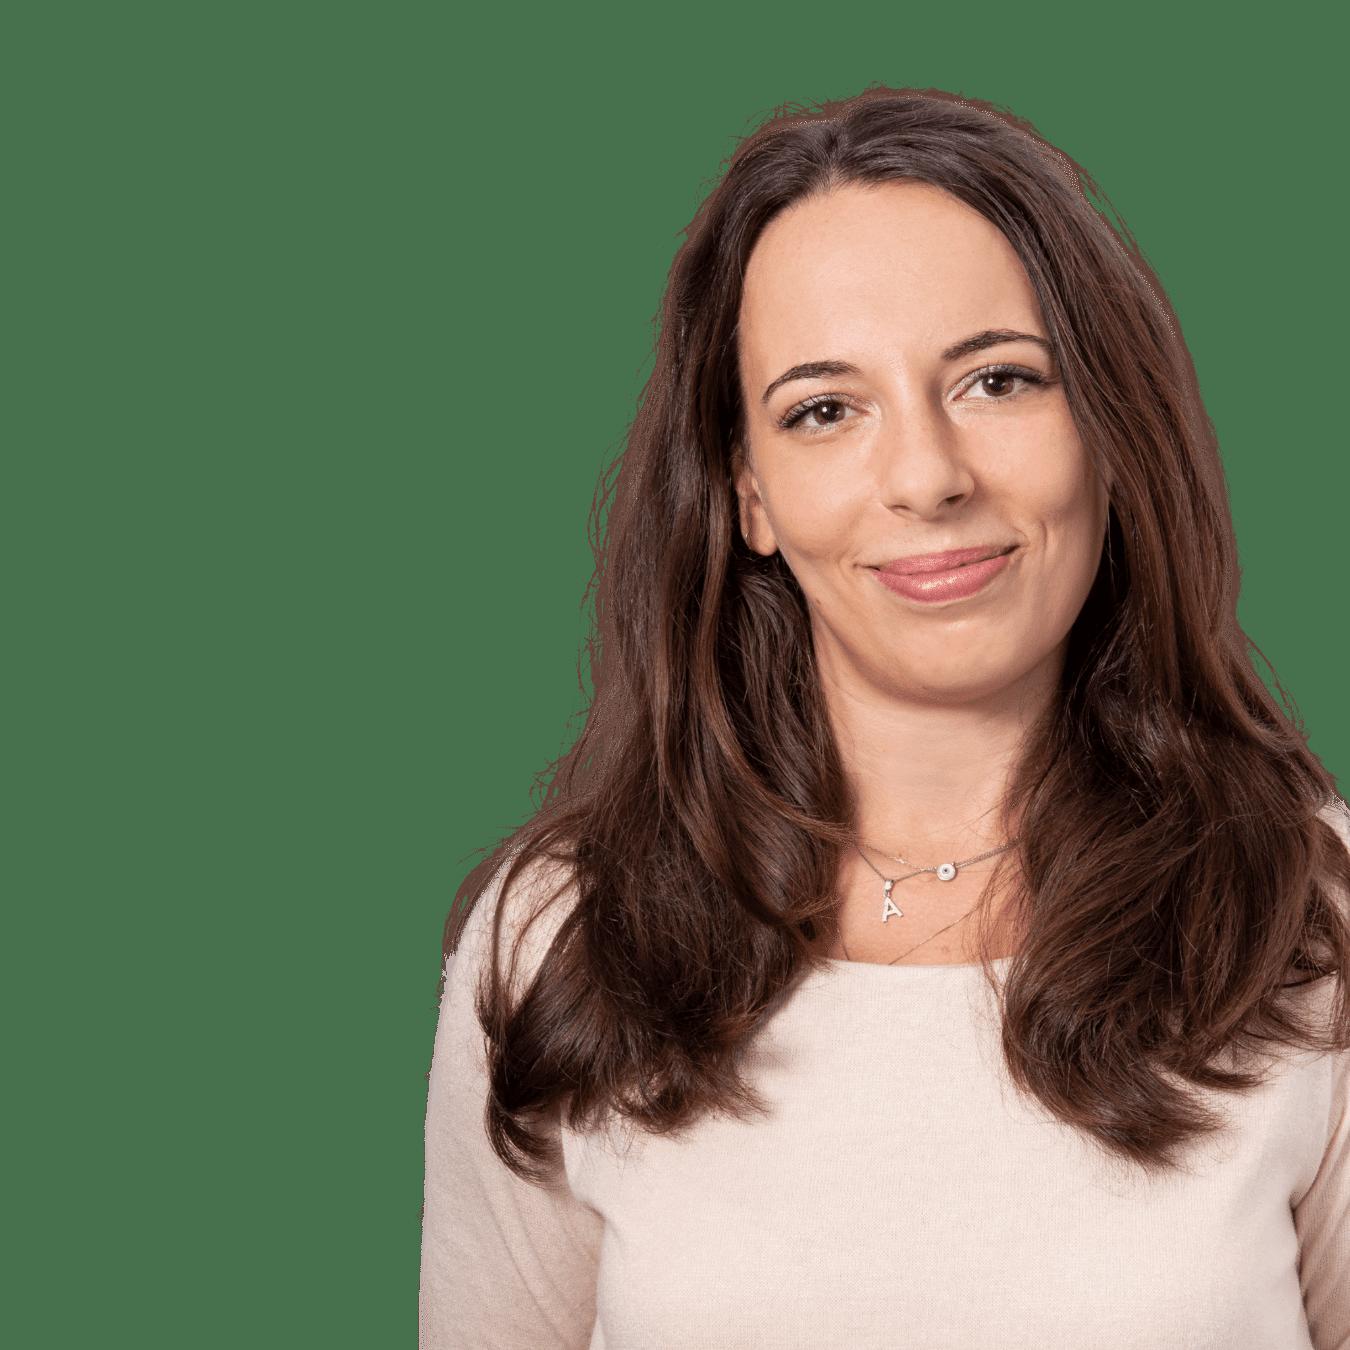 Marta Migliore